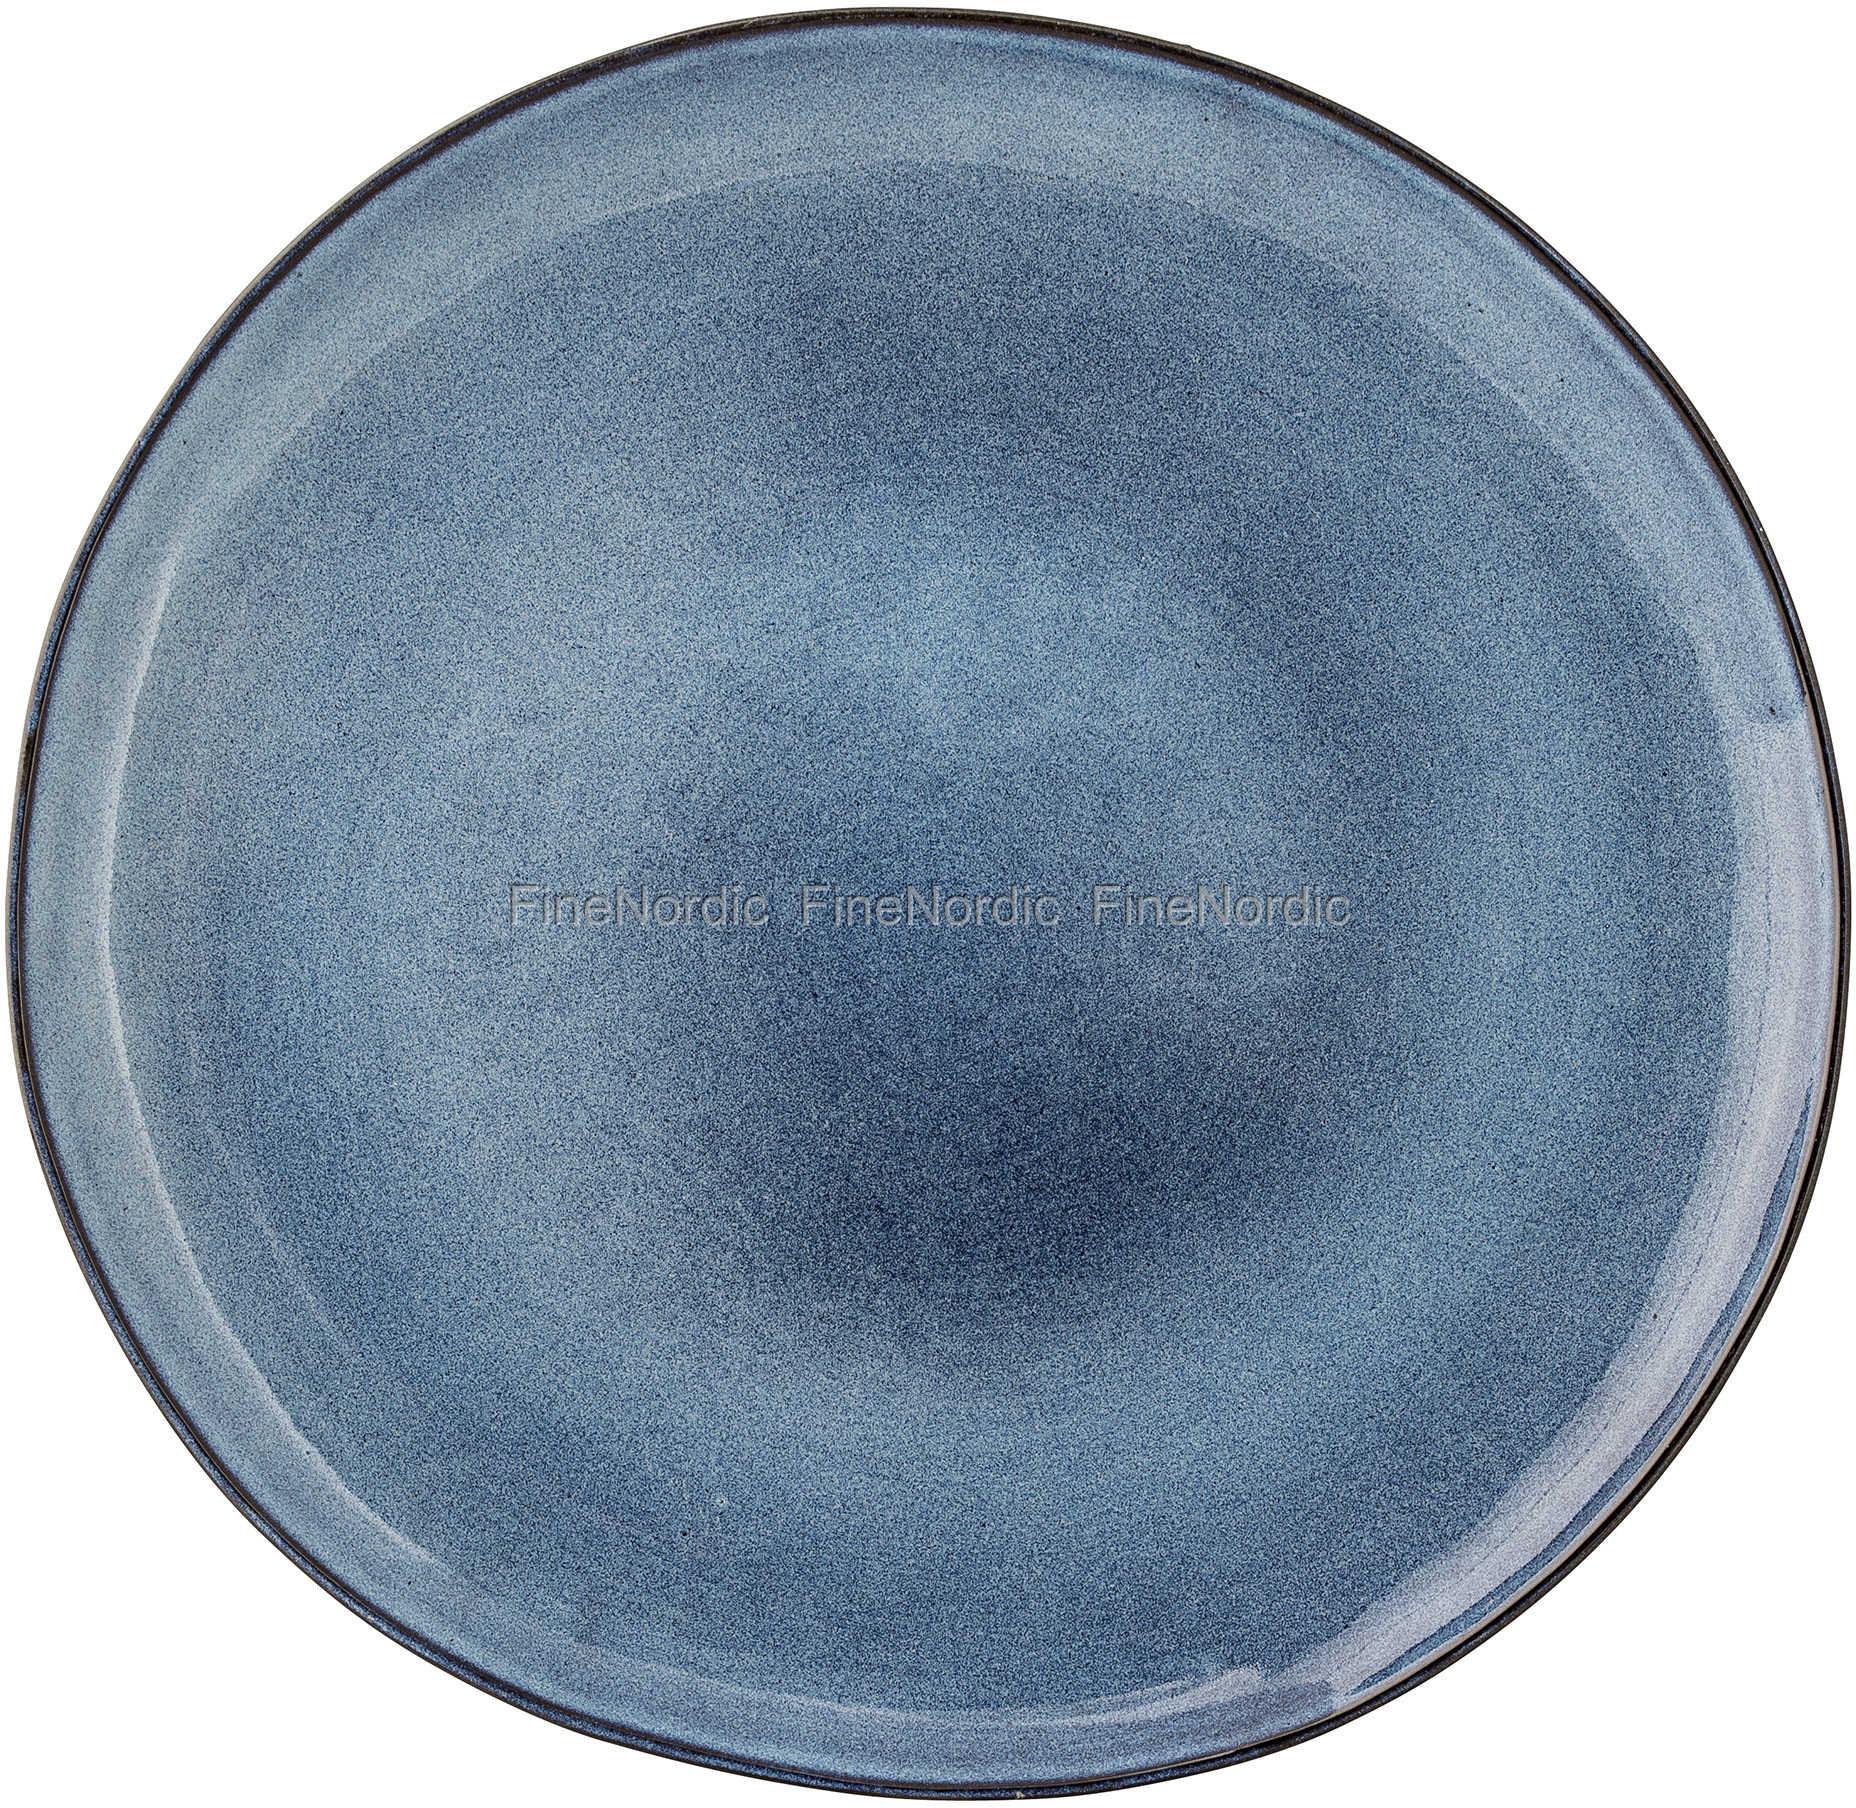 keramik tallerken Bloomingville Sandrine Keramik Tallerken Blå 28,5 cm keramik tallerken